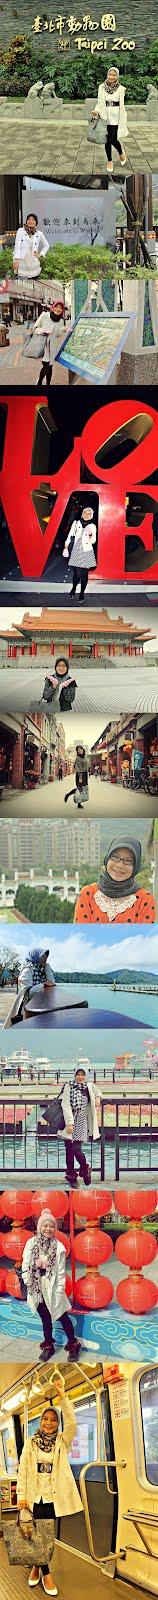 Traveler's Story